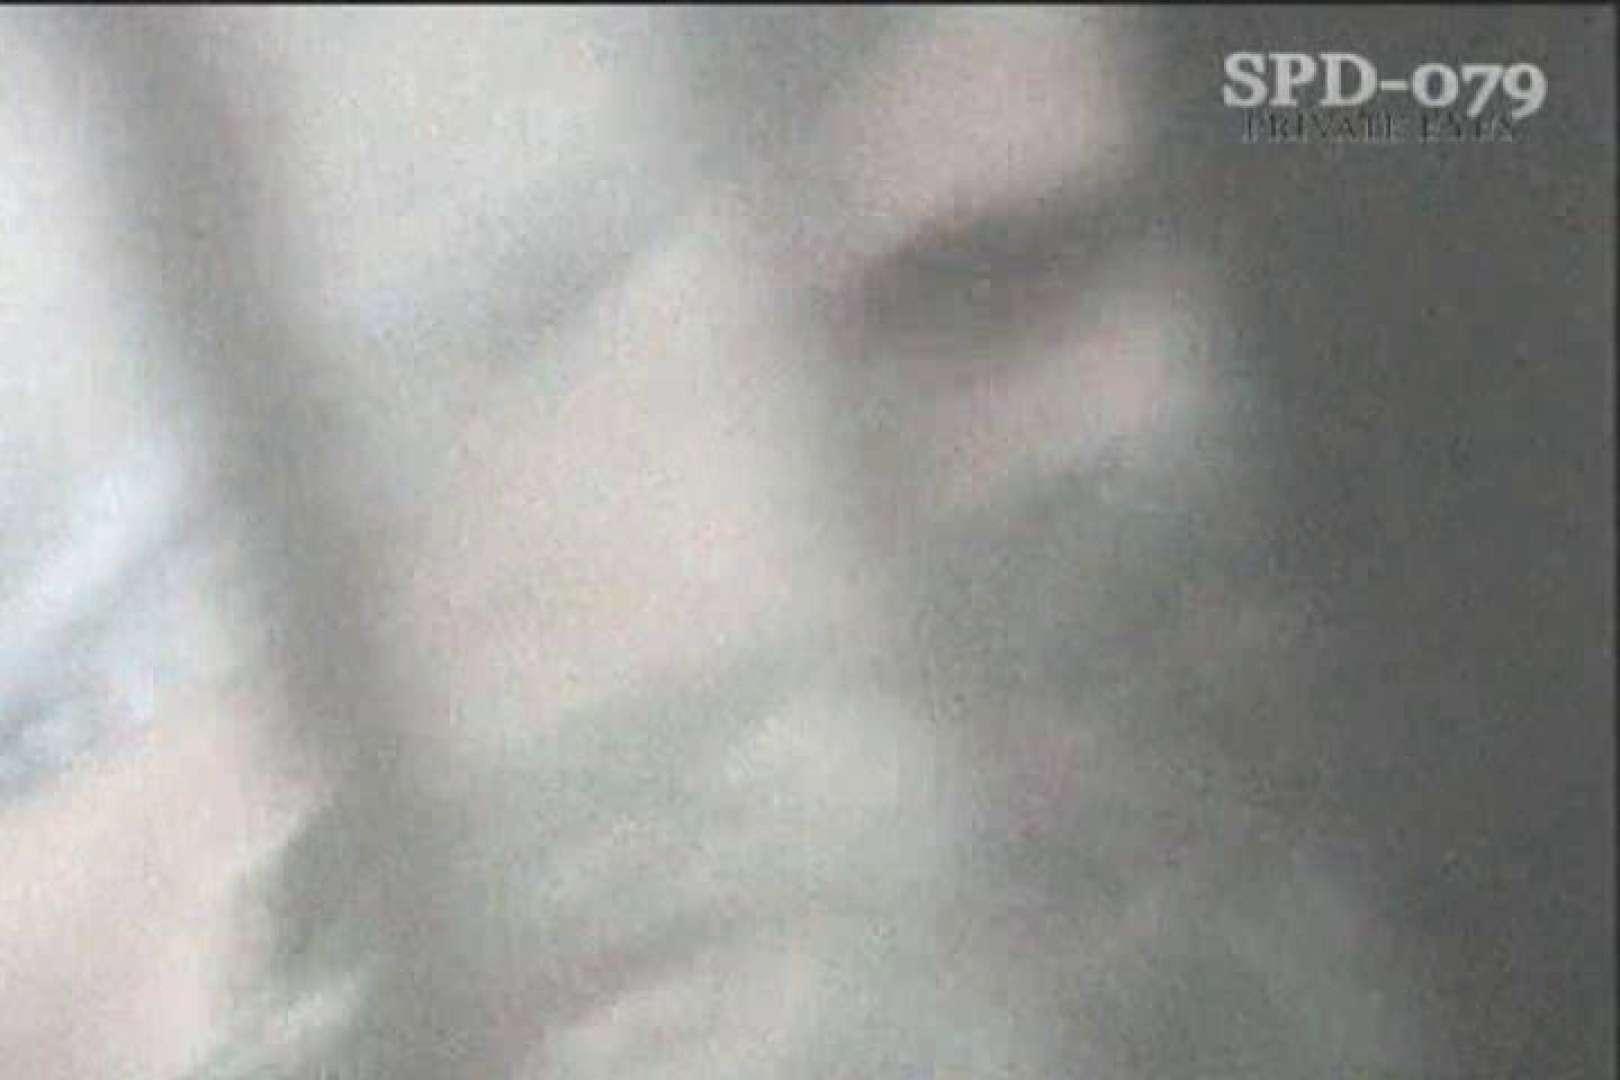 高画質版!SPD-079 盗撮 ~住宅地の恐怖~ 高画質 | プライベート  95PIX 49